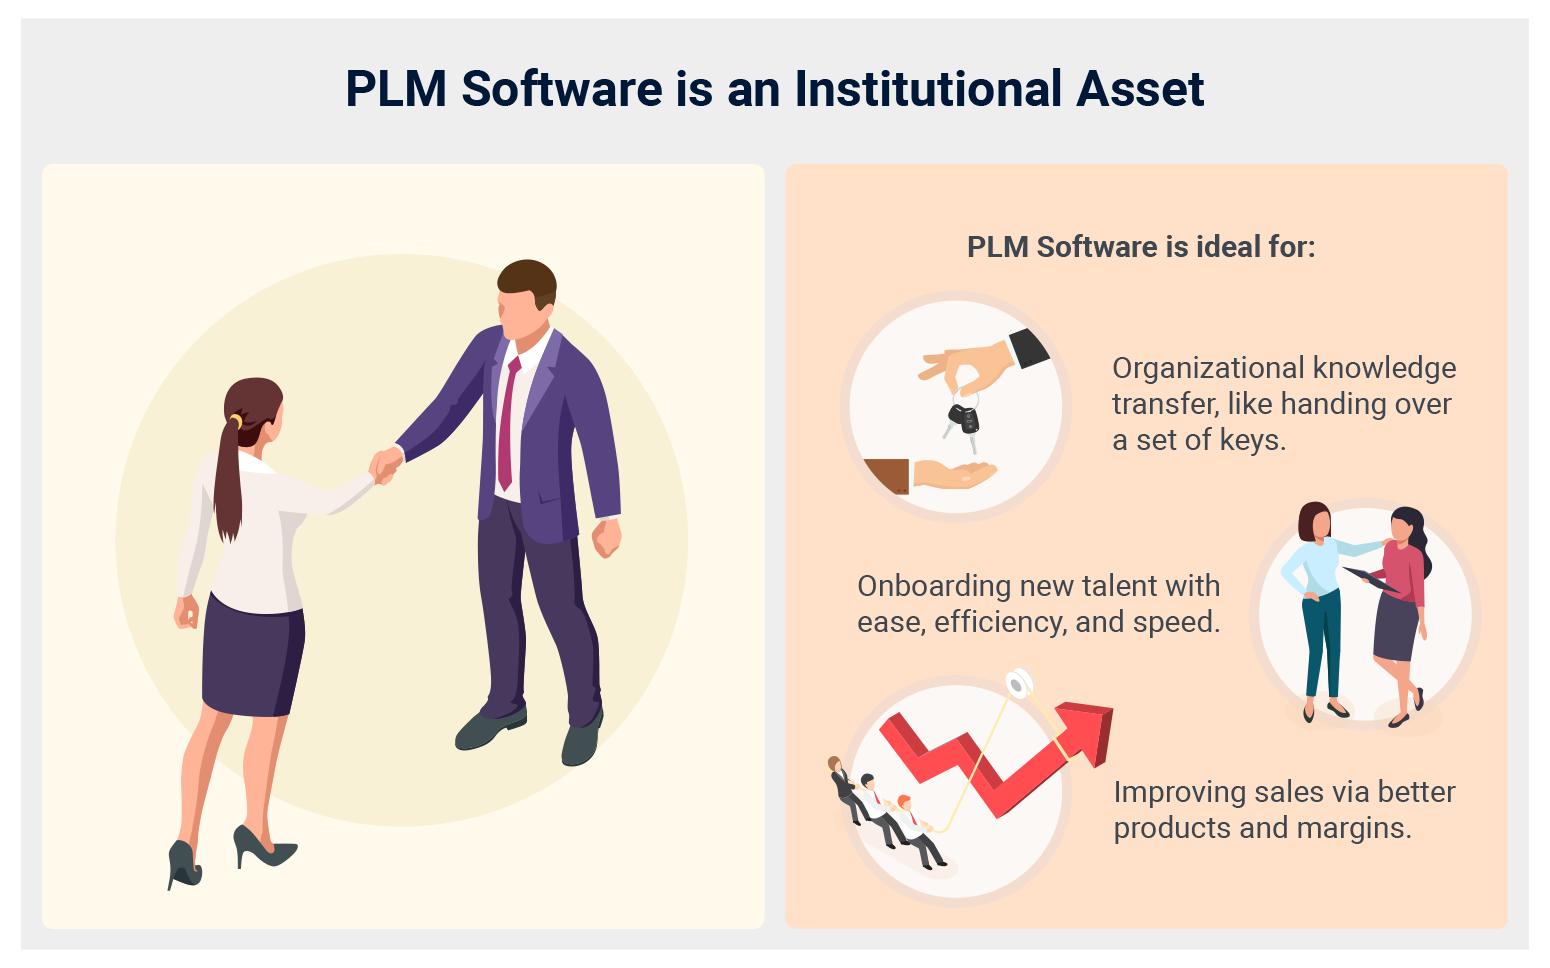 PLM Software as an Institutional Asset